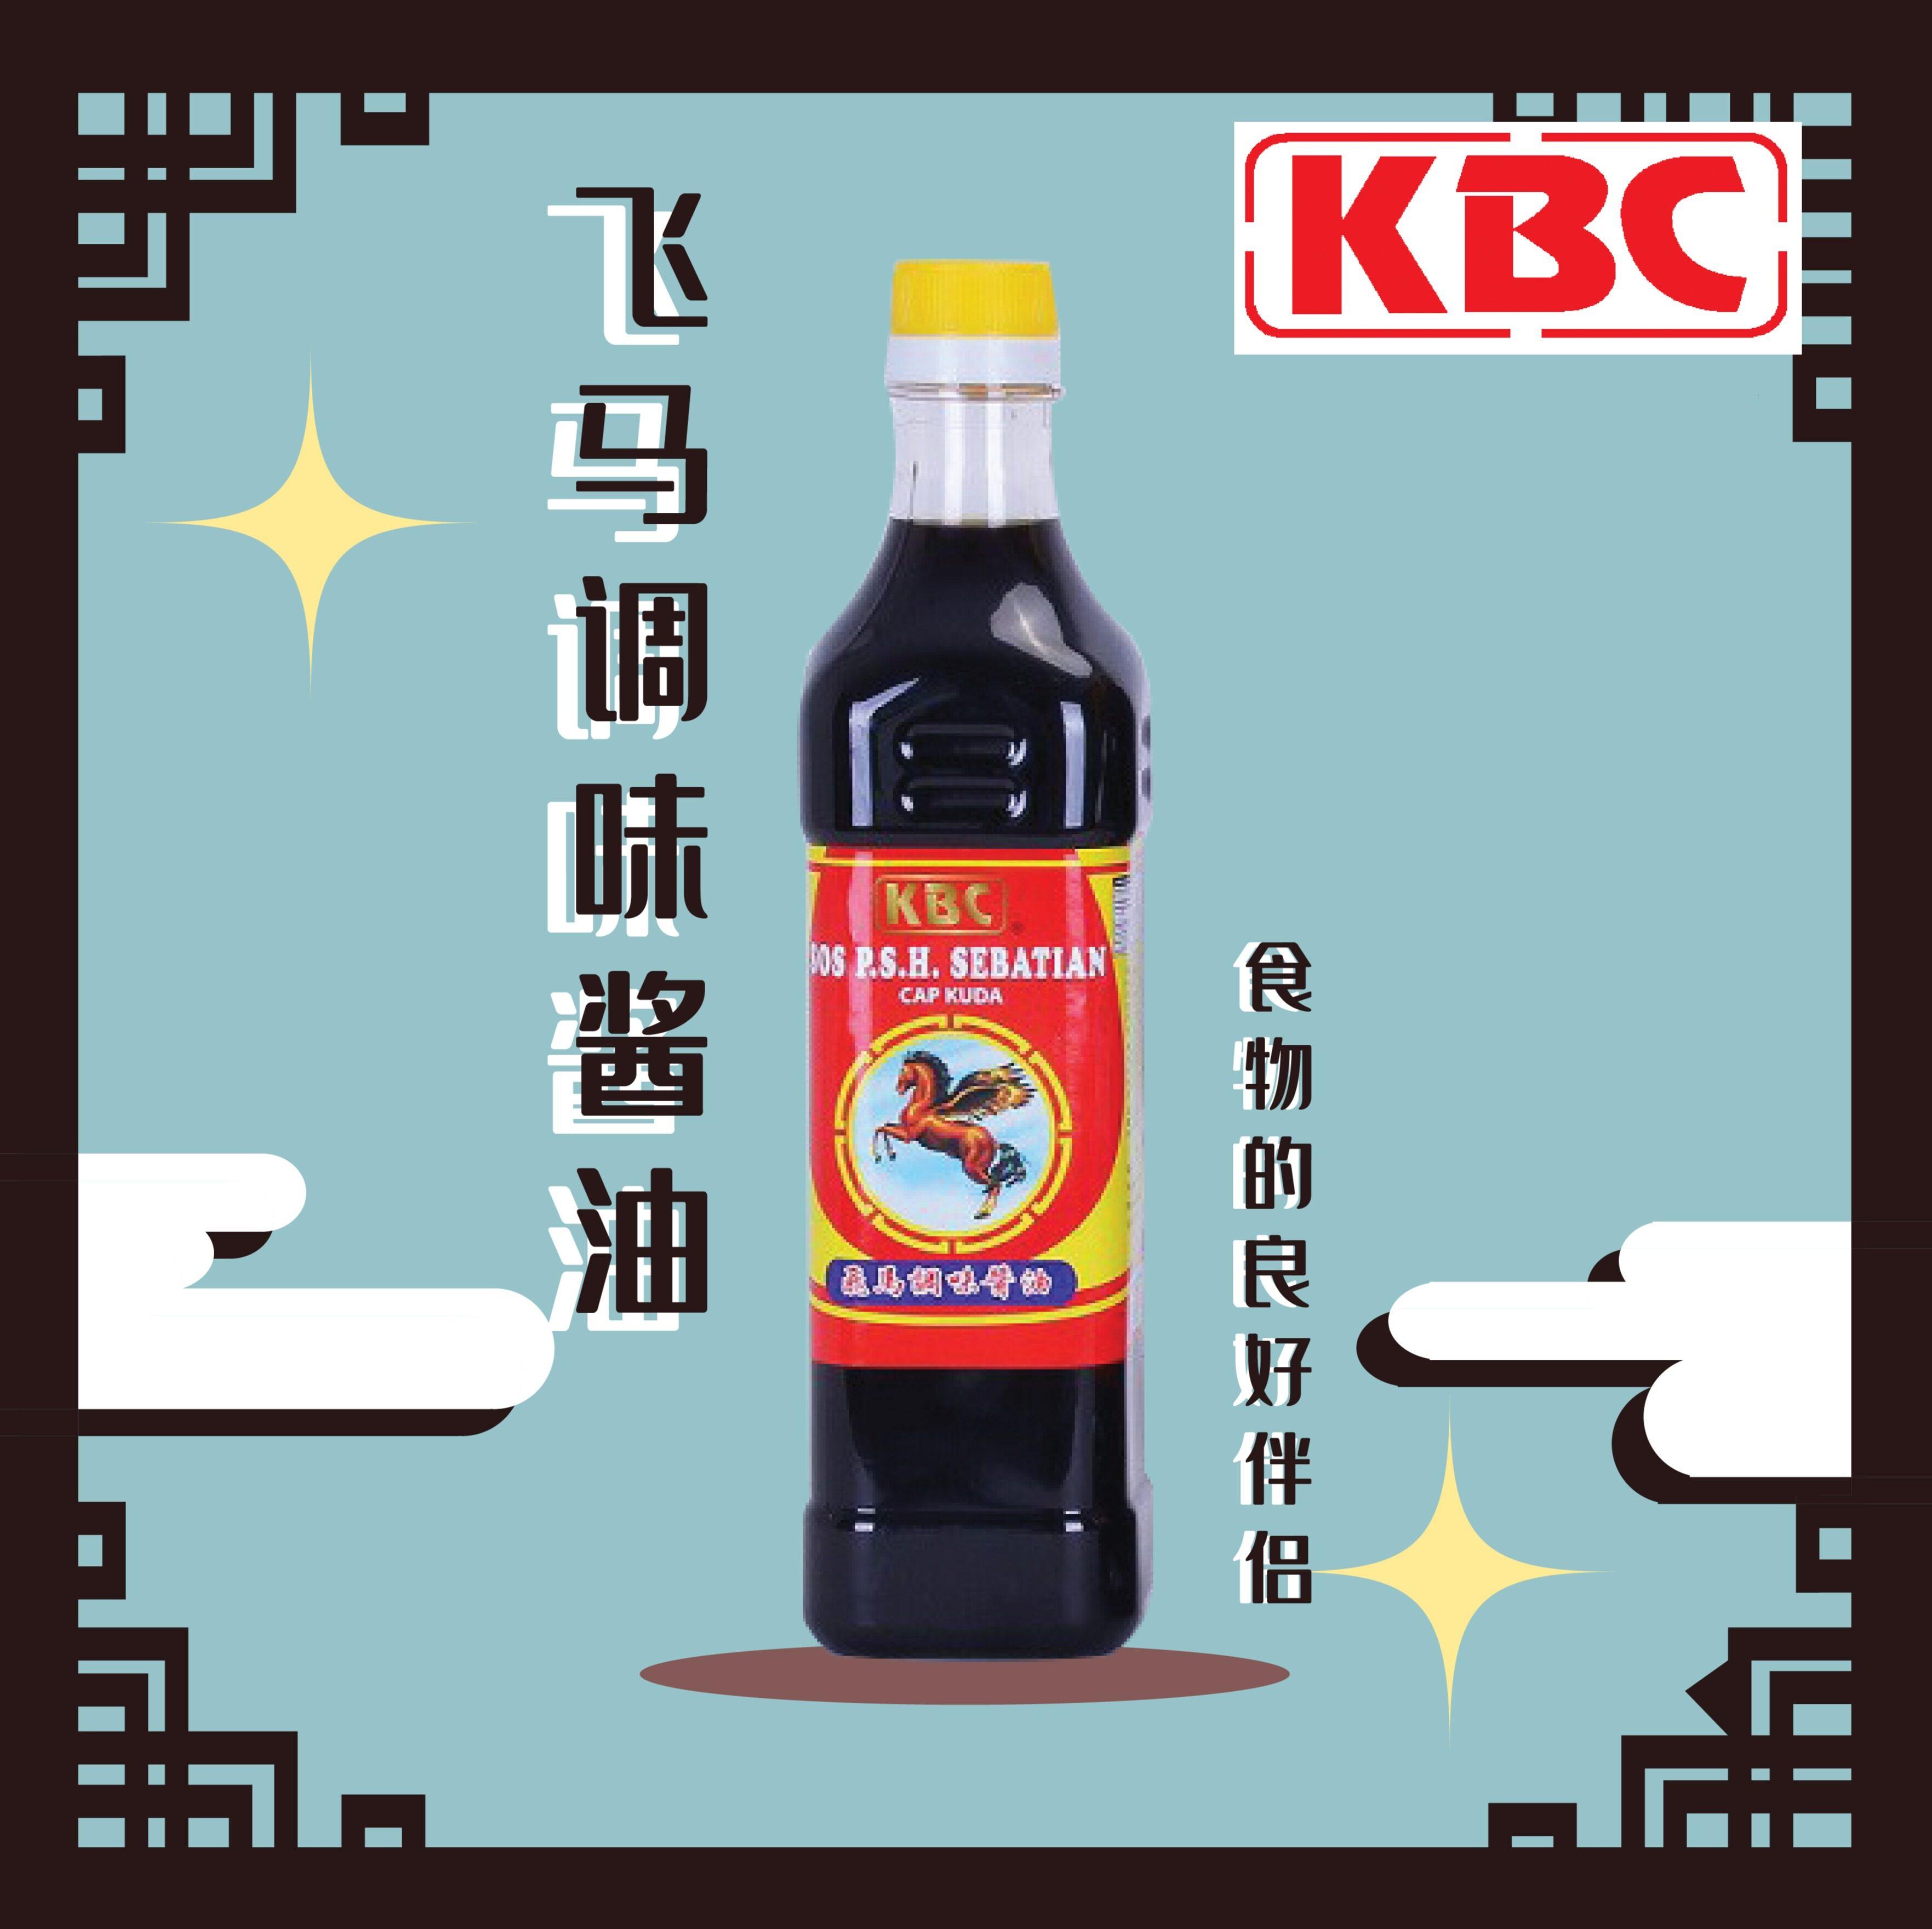 KBC Sos P.S.H. Sebatian (750ml 飛馬調味醬油)